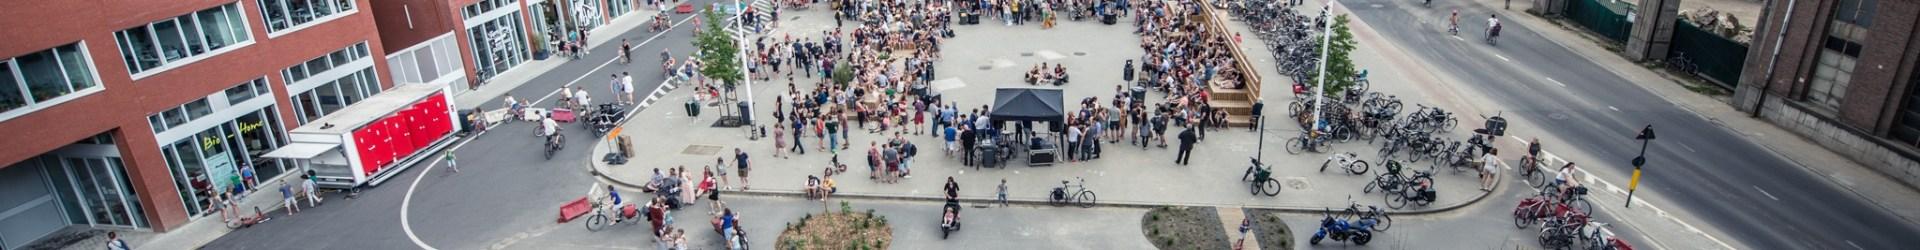 OPEK-plein, Leuven